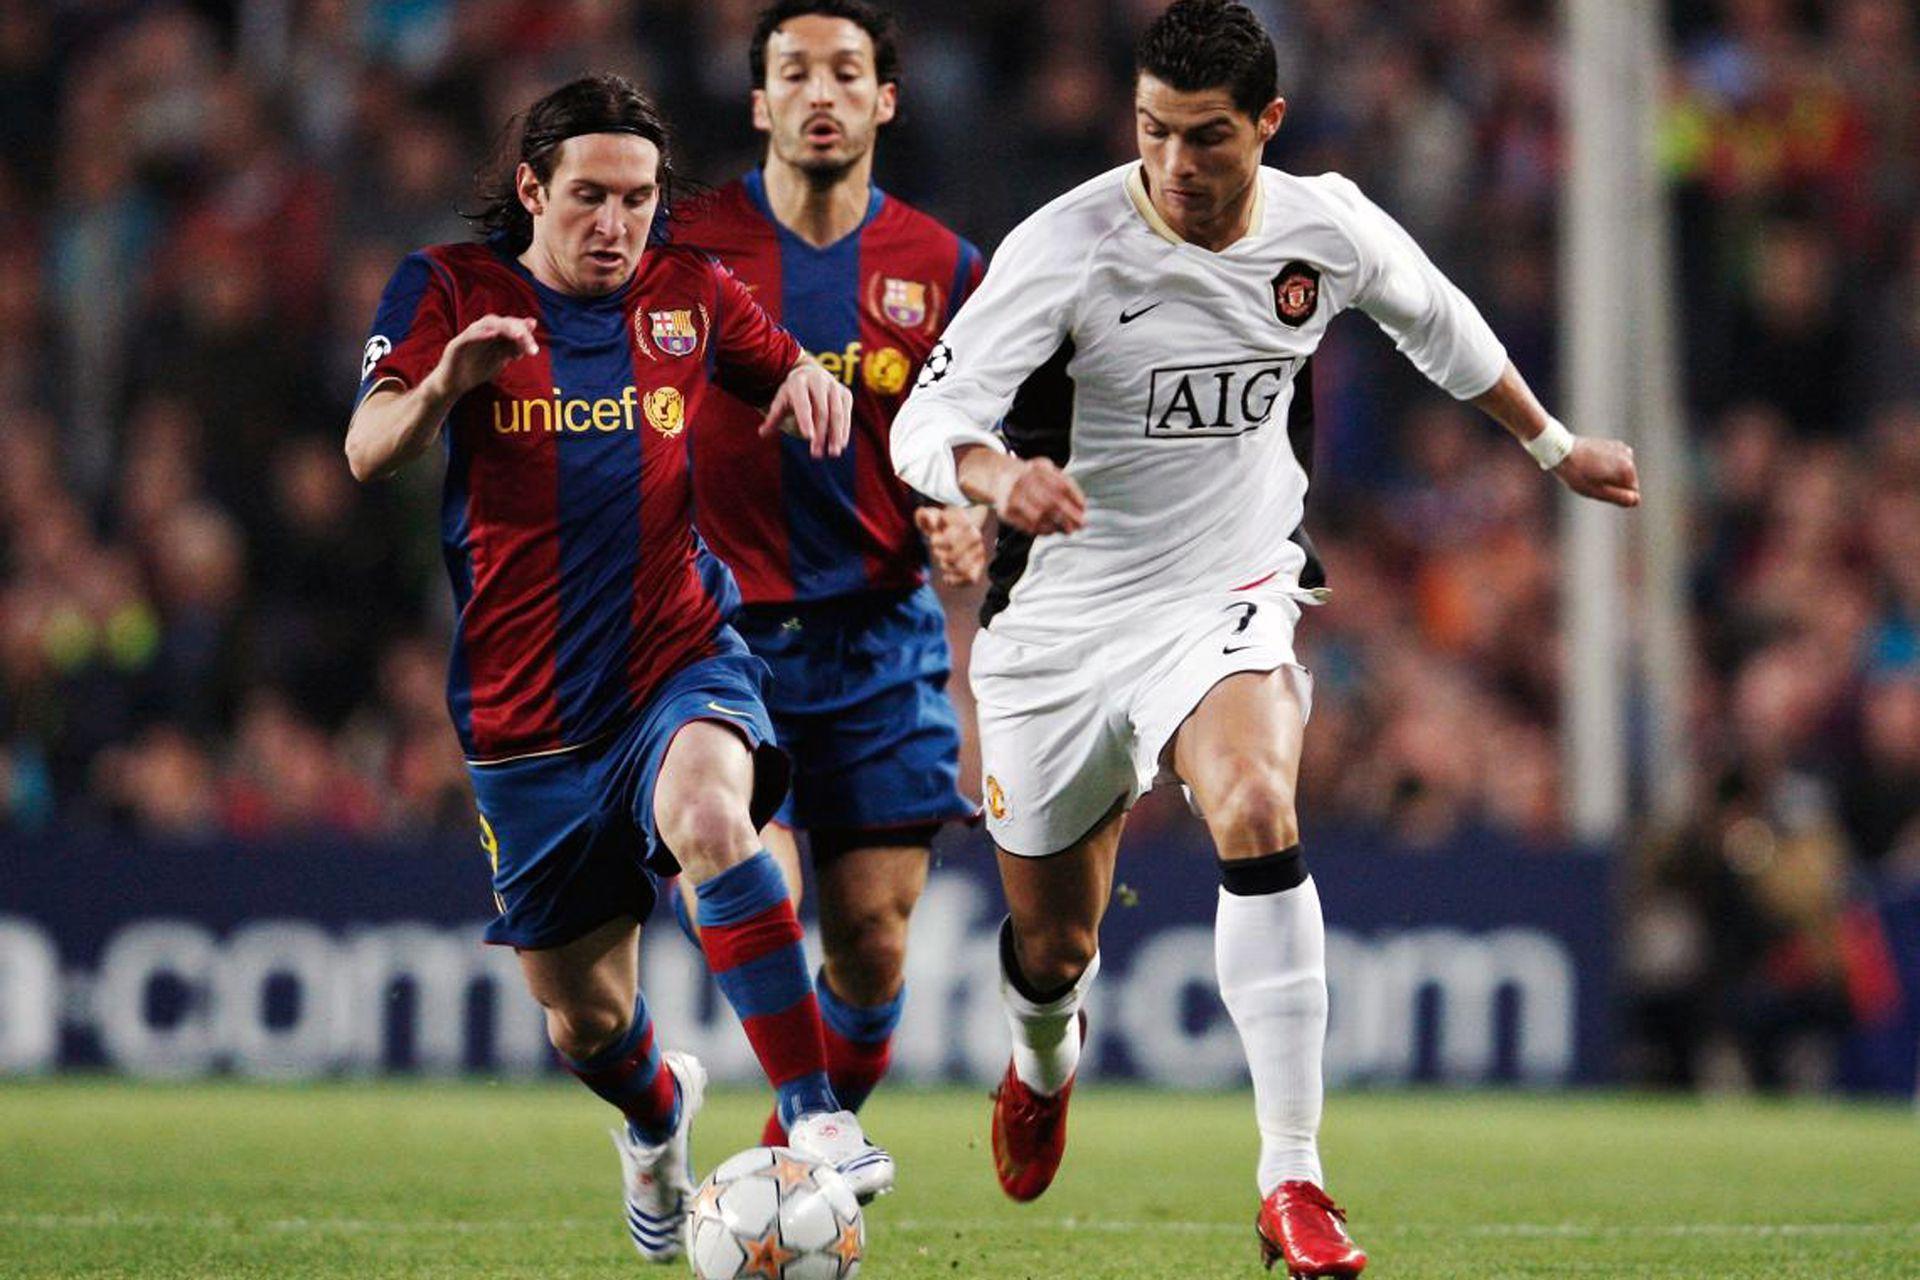 Messi vs Cristiano Ronaldo en abril de 2008. Fue la primera vez que se enfrentaron, por las semifinales de la Champions League que ganó el United